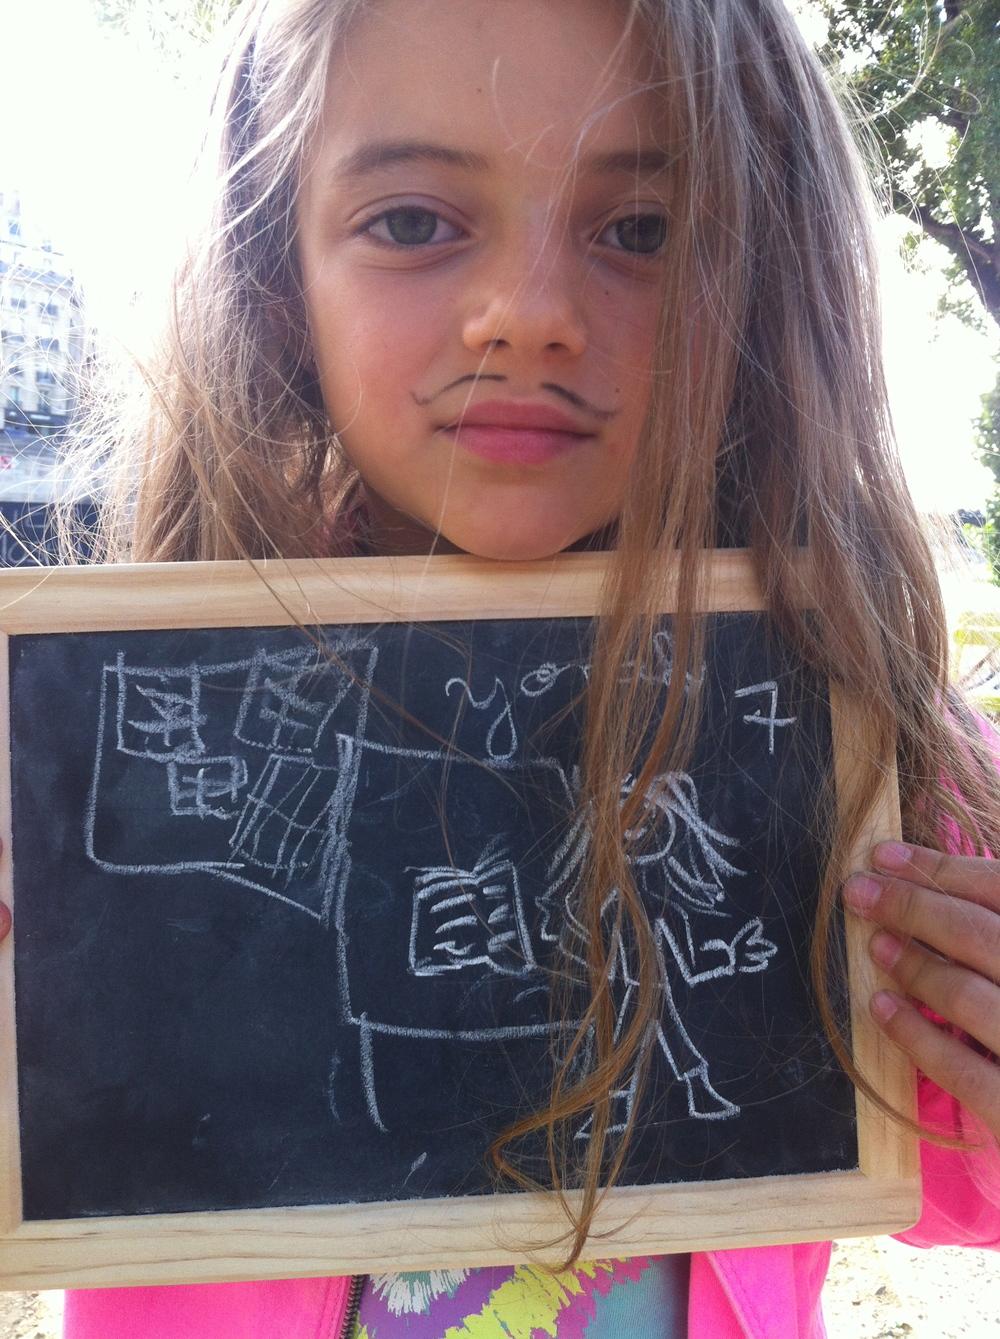 Yonah 7 ans veut lire plein de livres dans une journée pour apprendre plein de choses